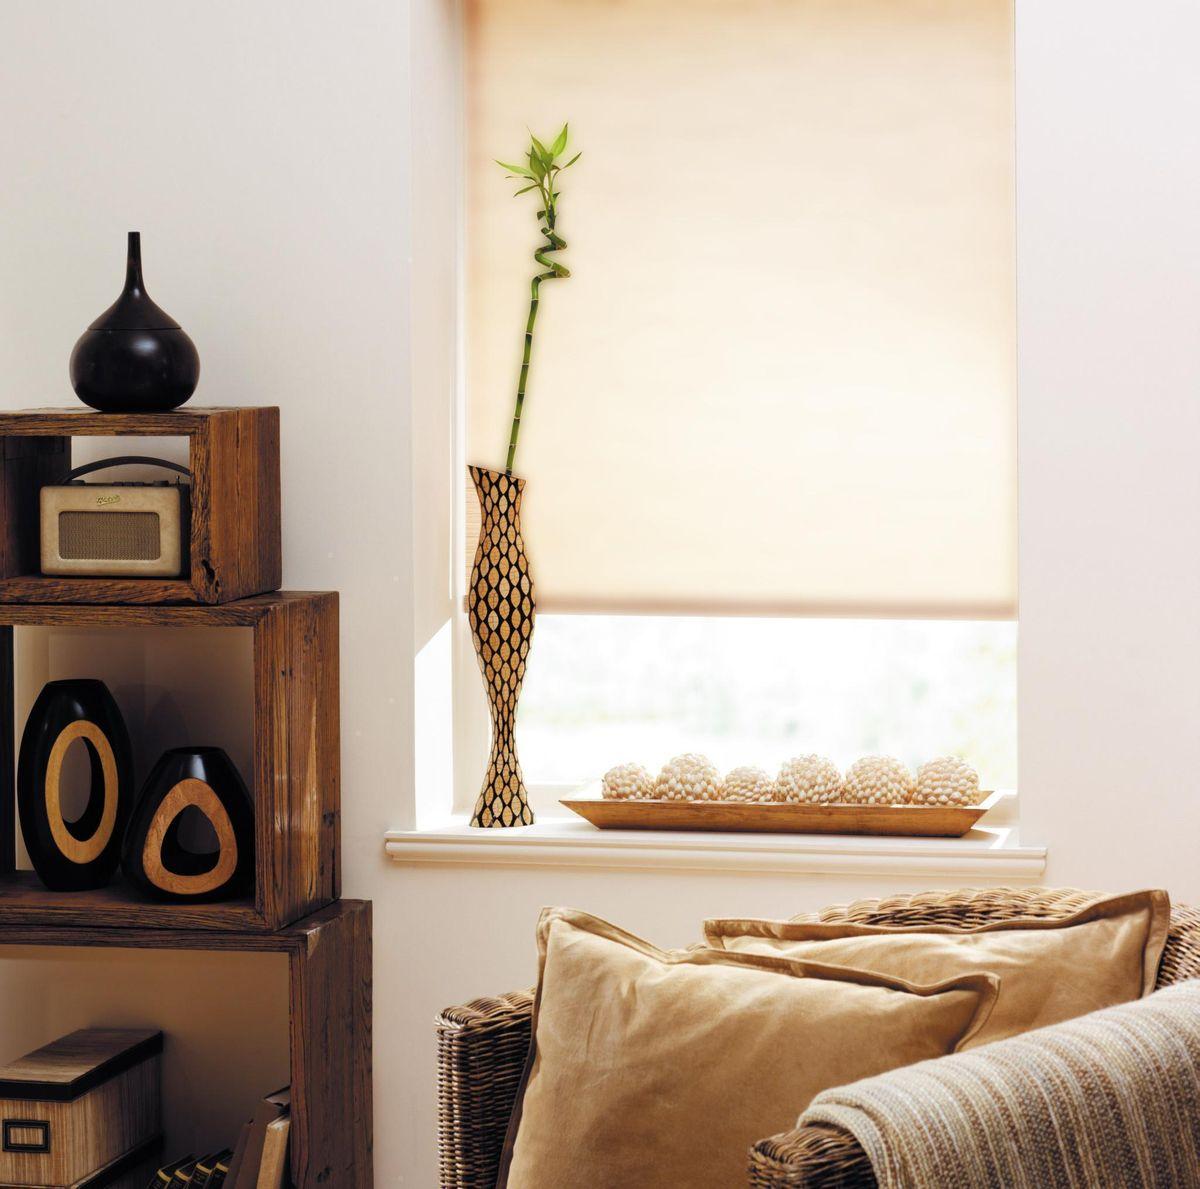 Штора рулонная Эскар, цвет: бежевый лен, ширина 172 см, высота 170 см80409172170Рулонными шторами можно оформлять окна как самостоятельно, так и использовать в комбинации с портьерами. Это поможет предотвратить выгорание дорогой ткани на солнце и соединит функционал рулонных с красотой навесных. Преимущества применения рулонных штор для пластиковых окон: - имеют прекрасный внешний вид: многообразие и фактурность материала изделия отлично смотрятся в любом интерьере; - многофункциональны: есть возможность подобрать шторы способные эффективно защитить комнату от солнца, при этом она не будет слишком темной. - Есть возможность осуществить быстрый монтаж. ВНИМАНИЕ! Размеры ширины изделия указаны по ширине ткани! Во время эксплуатации не рекомендуется полностью разматывать рулон, чтобы не оторвать ткань от намоточного вала. В случае загрязнения поверхности ткани, чистку шторы проводят одним из способов, в зависимости от типа загрязнения: легкое поверхностное загрязнение можно удалить при помощи канцелярского ластика; чистка от пыли производится сухим методом при...